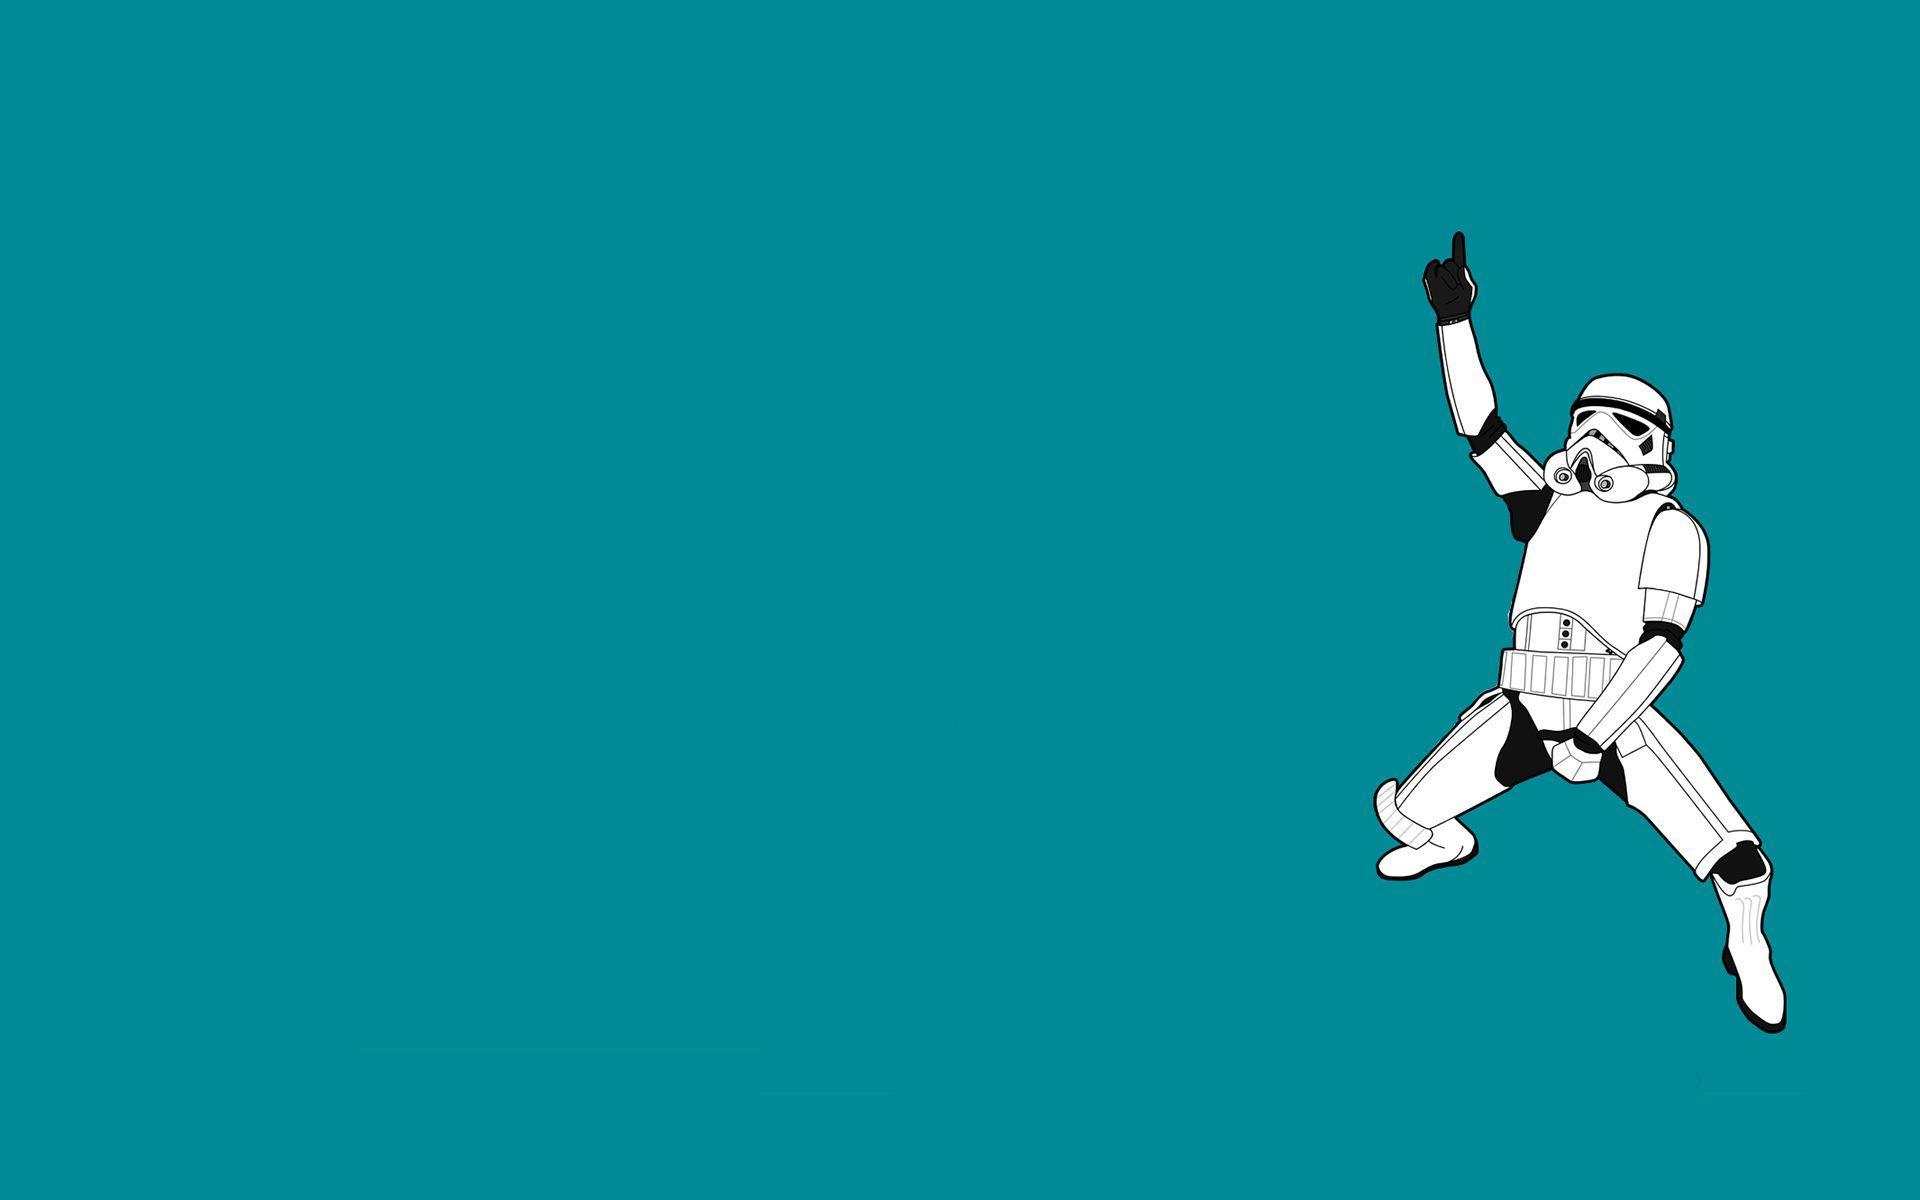 Stormtrooper Wallpapers Top Free Stormtrooper Backgrounds